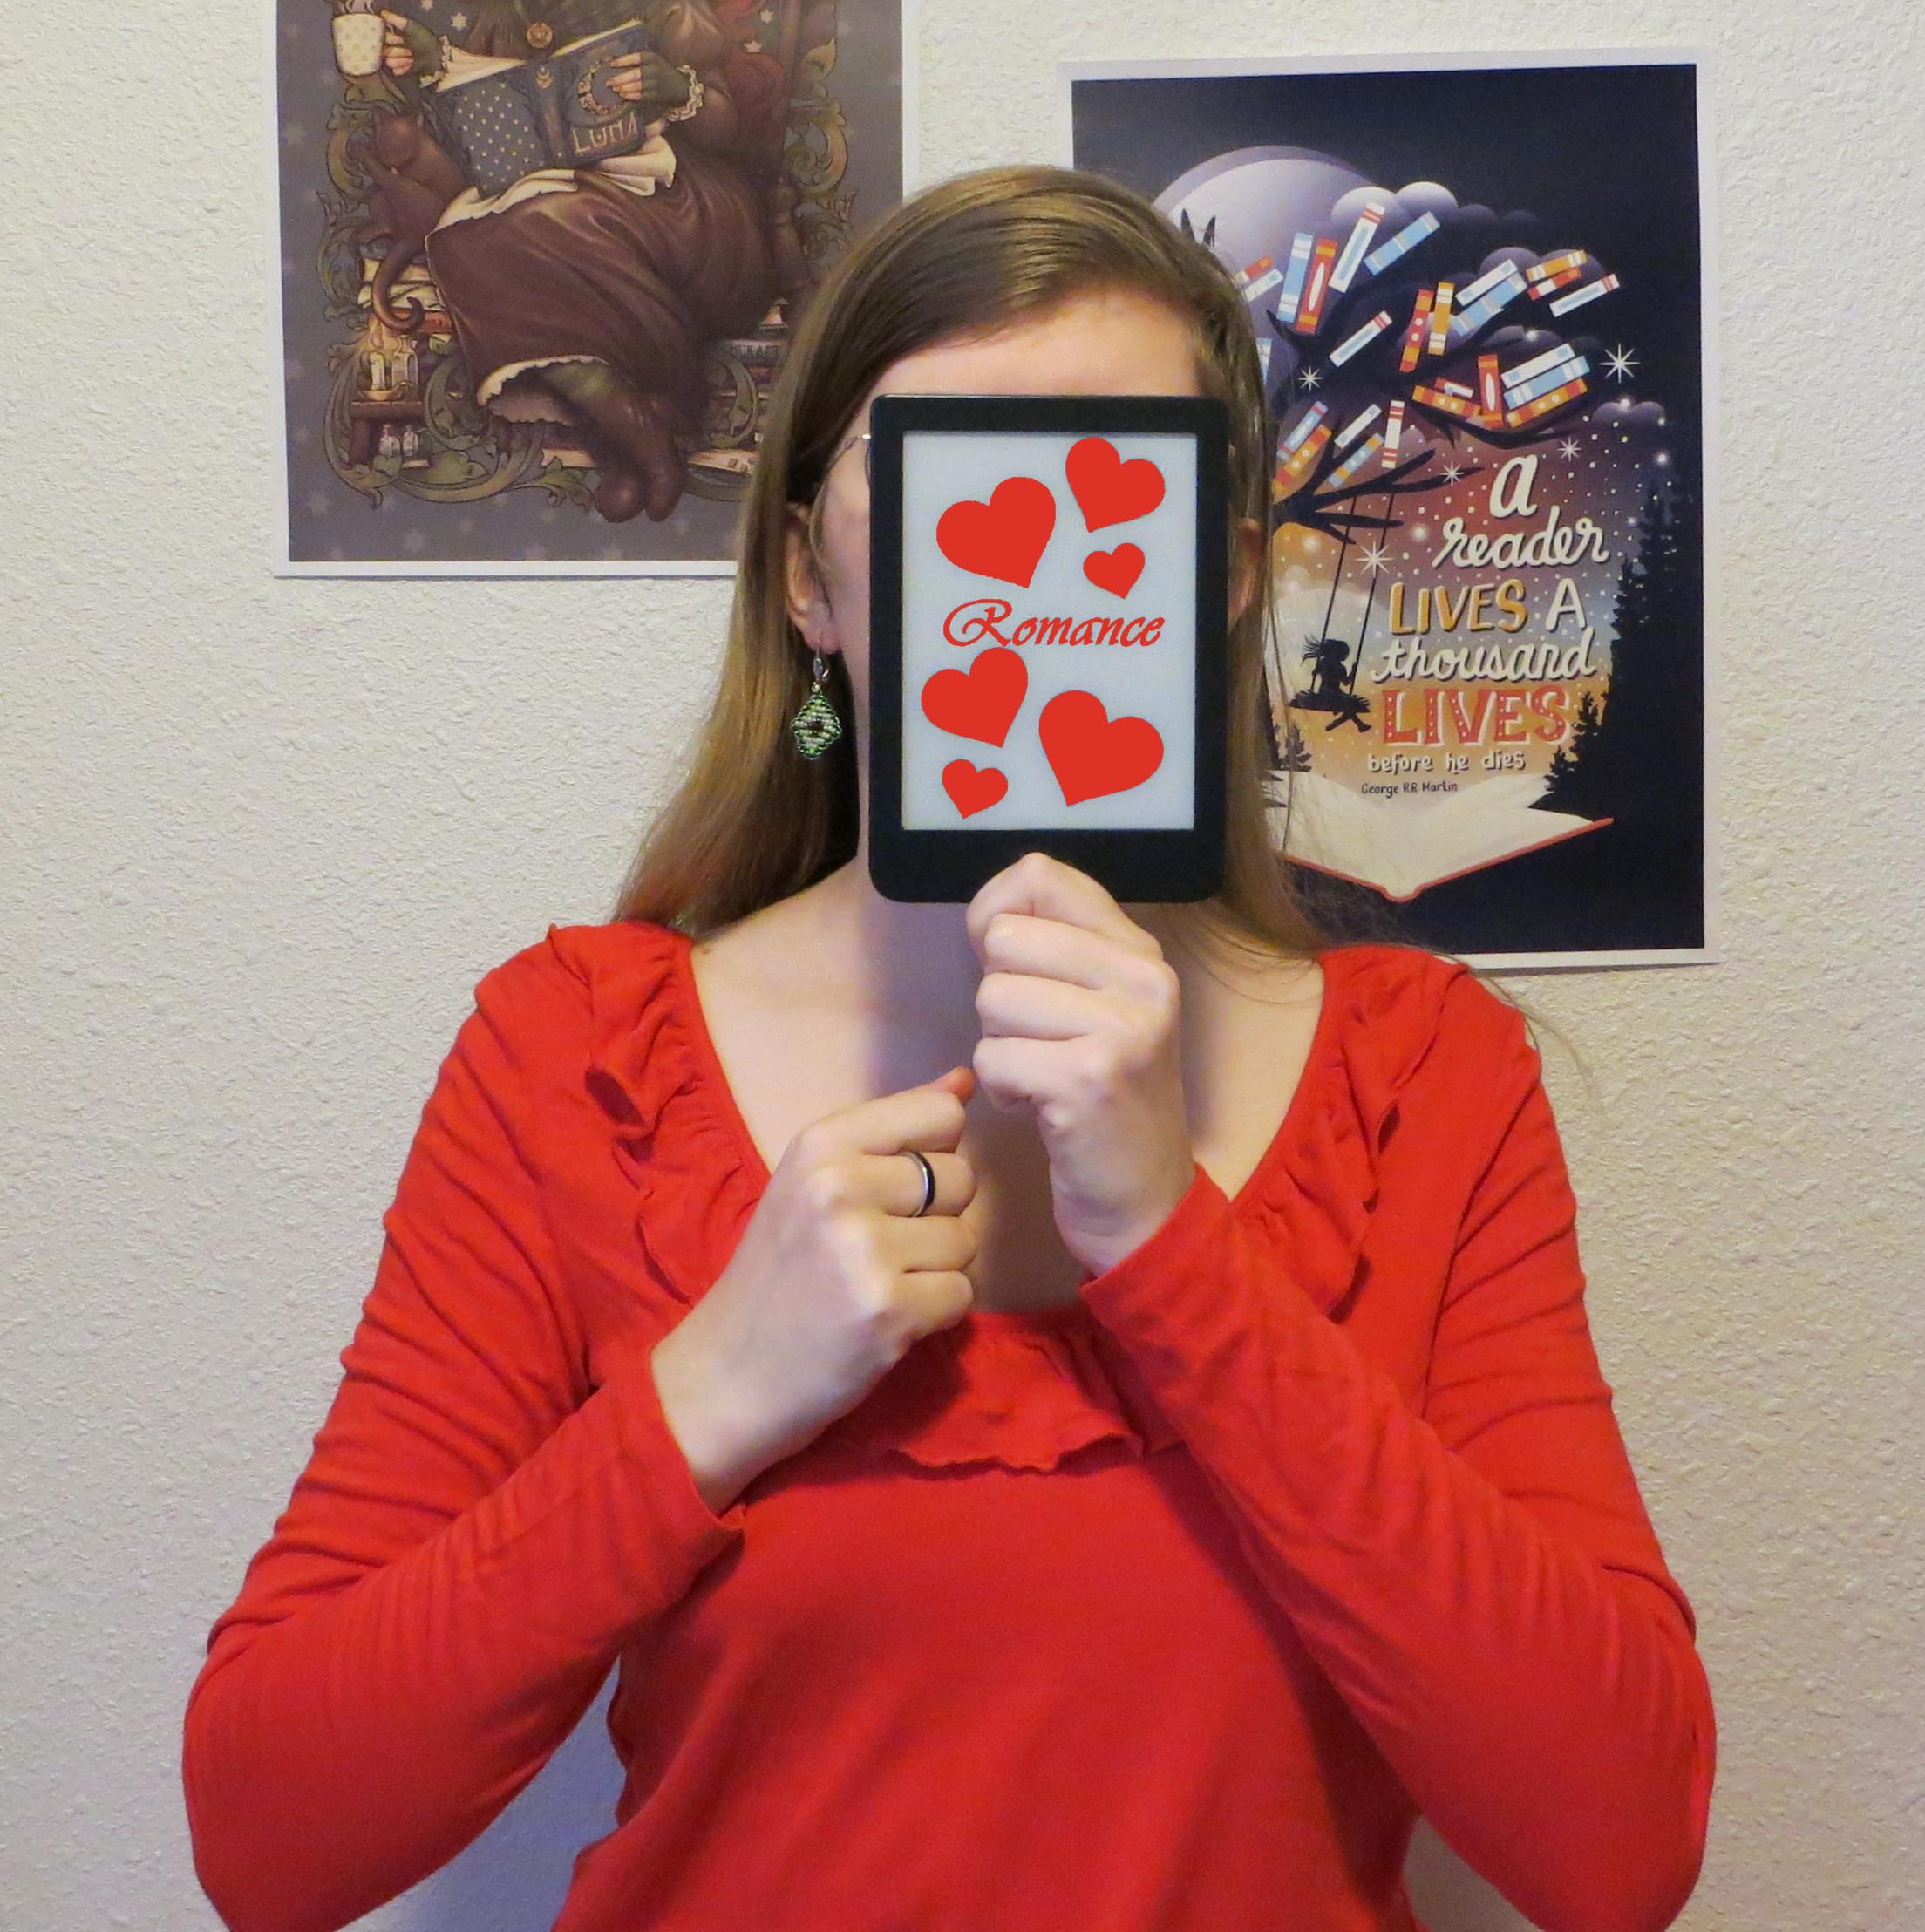 personne en rouge avec des boucles d'oreille aromantiques brandissant sa liseuse avec écrit romance et des cœurs sur l'écran